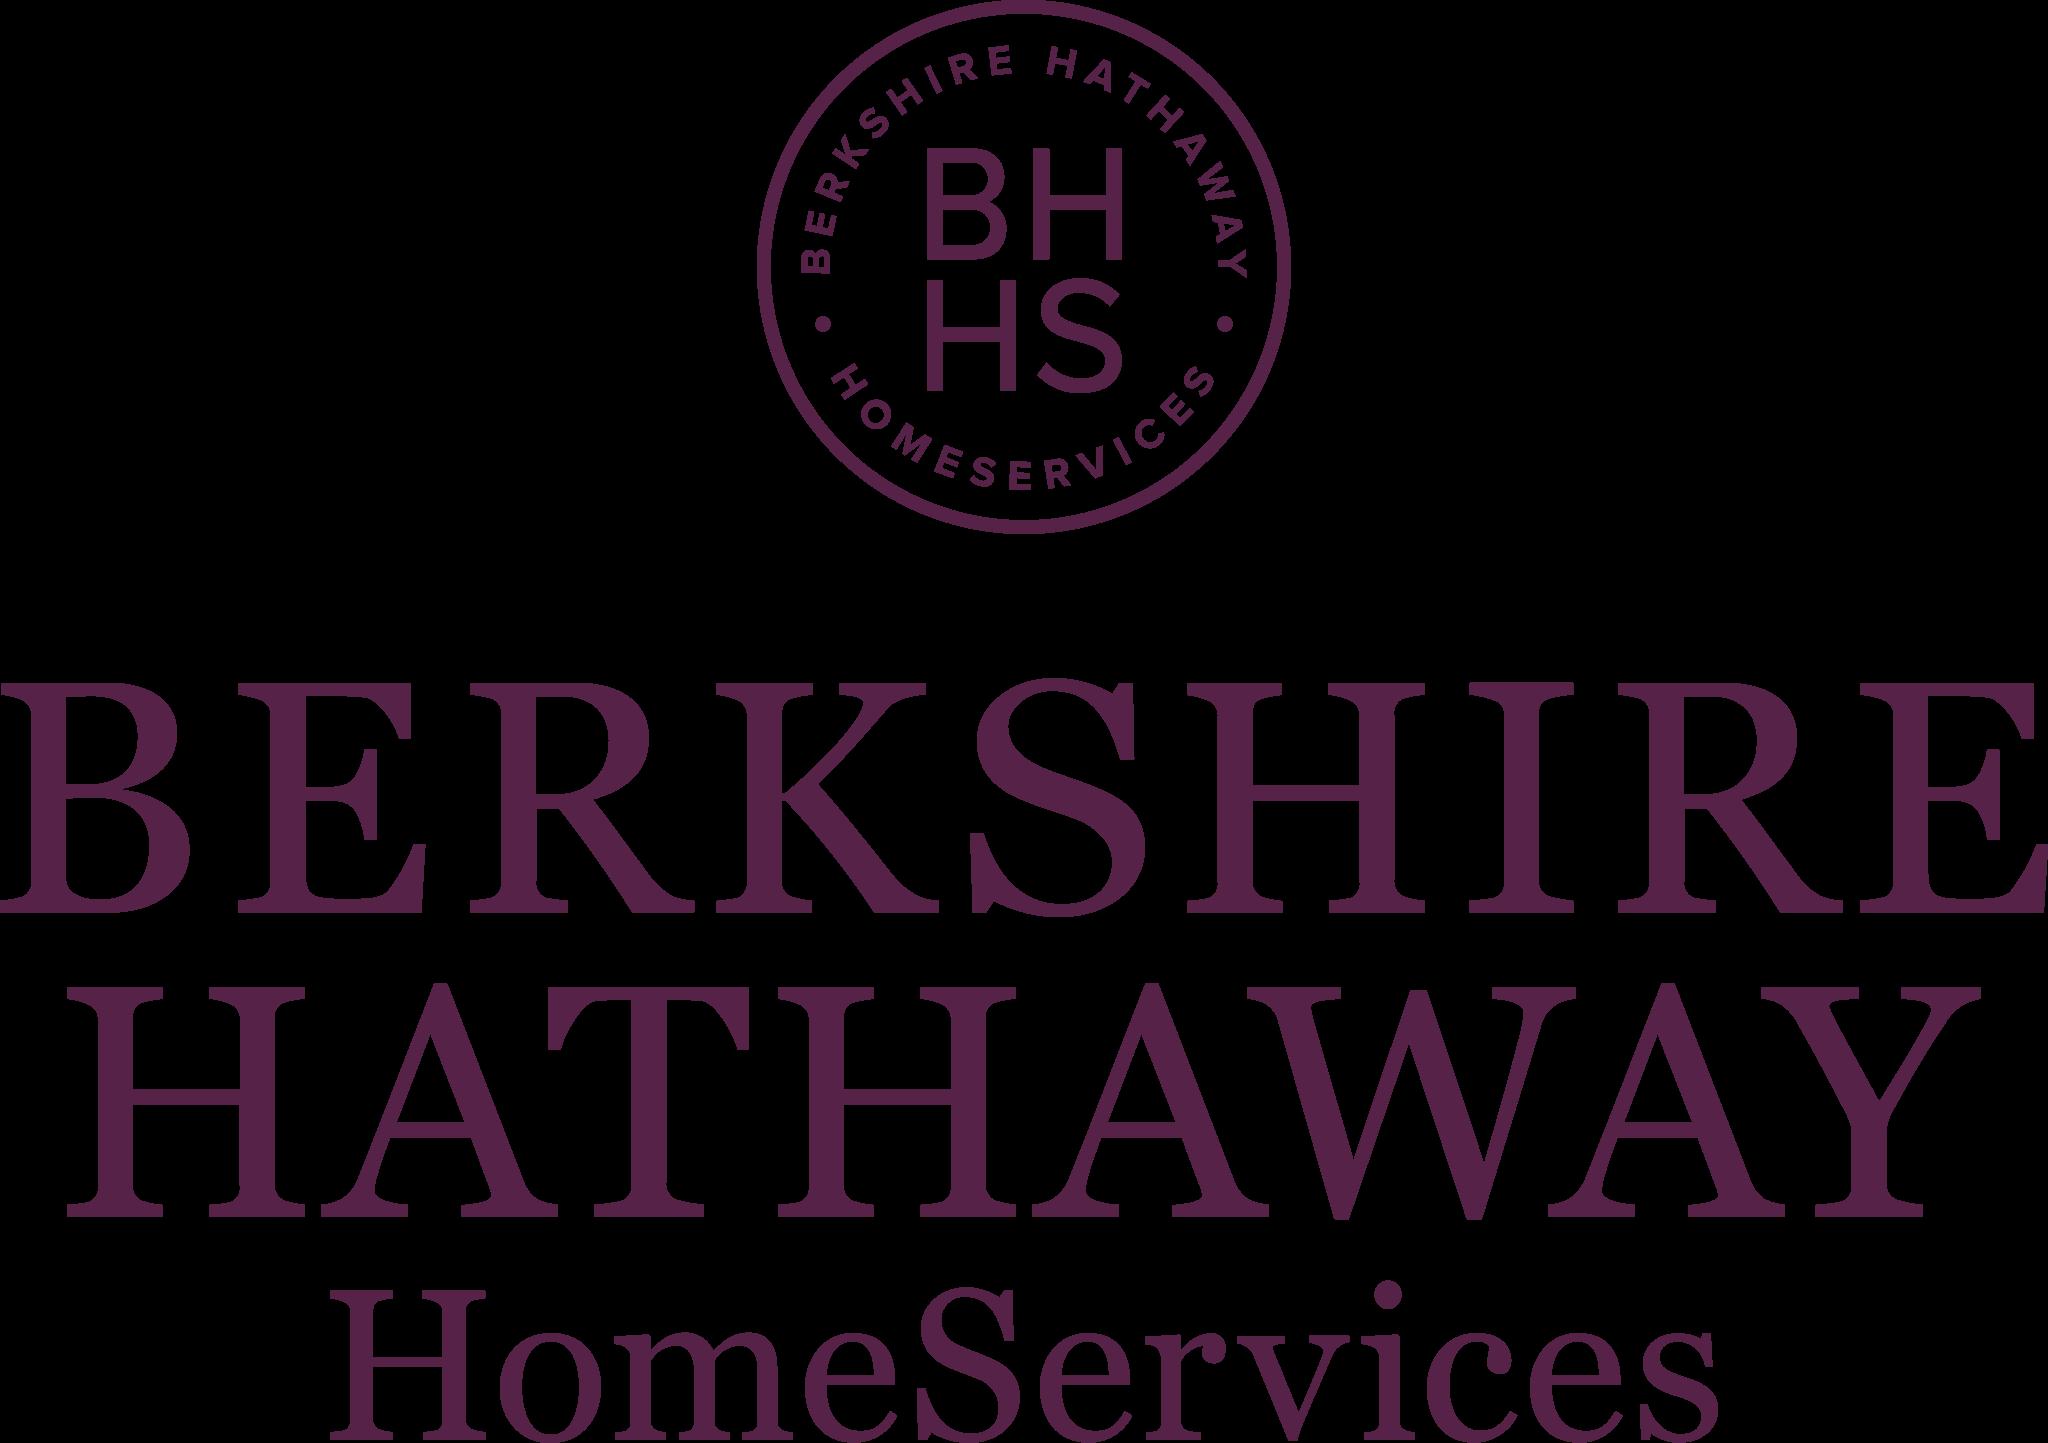 berkshire hathaway aandelen kopen